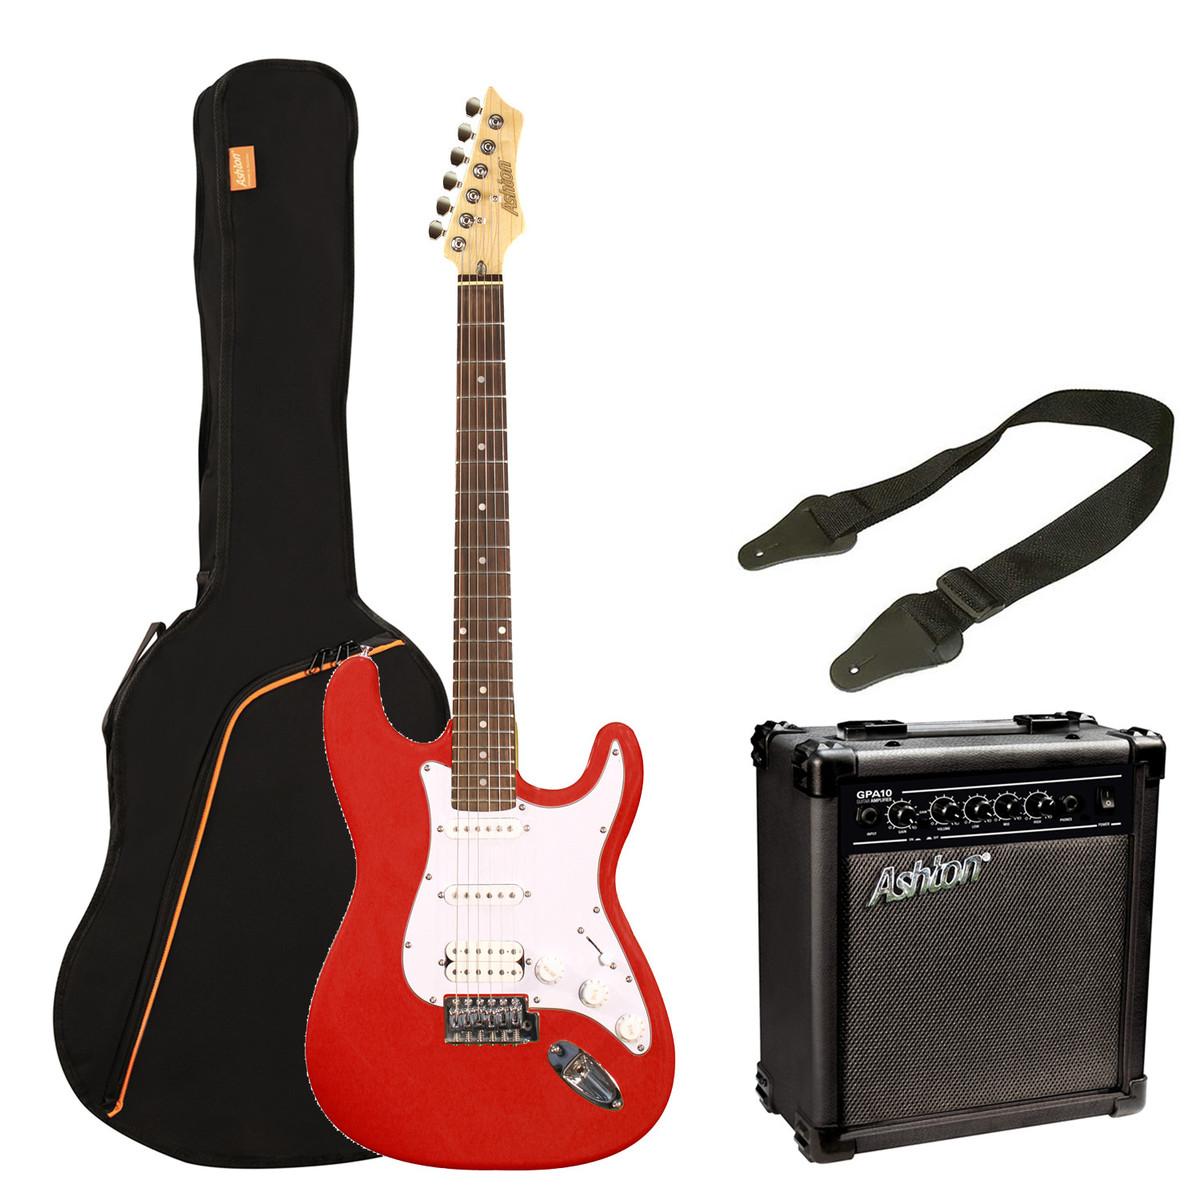 ashton spag232 electric guitar starter pack transparent red at. Black Bedroom Furniture Sets. Home Design Ideas